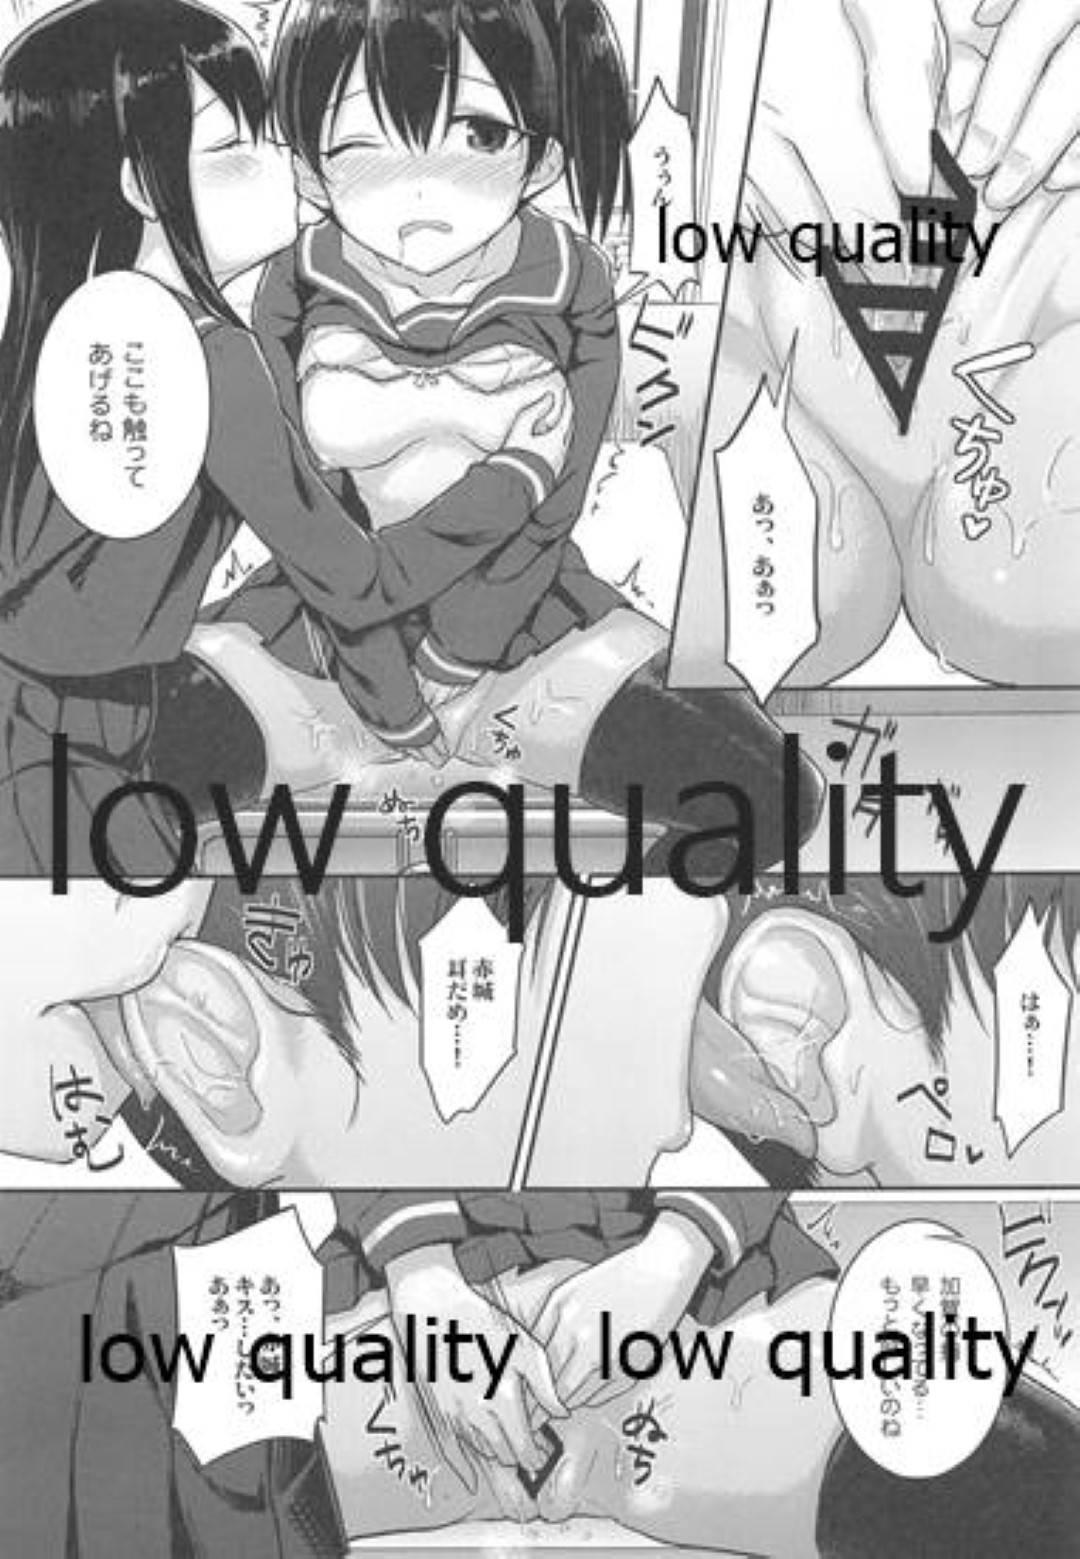 【エロ漫画】【エロ漫画】別れる親友との最後を惜しむJK…親友から自分の全てを知ってほしいとの思いを愛撫に込めてレズプレイで愛し合う【泉森:赤い花 青い蝶-】